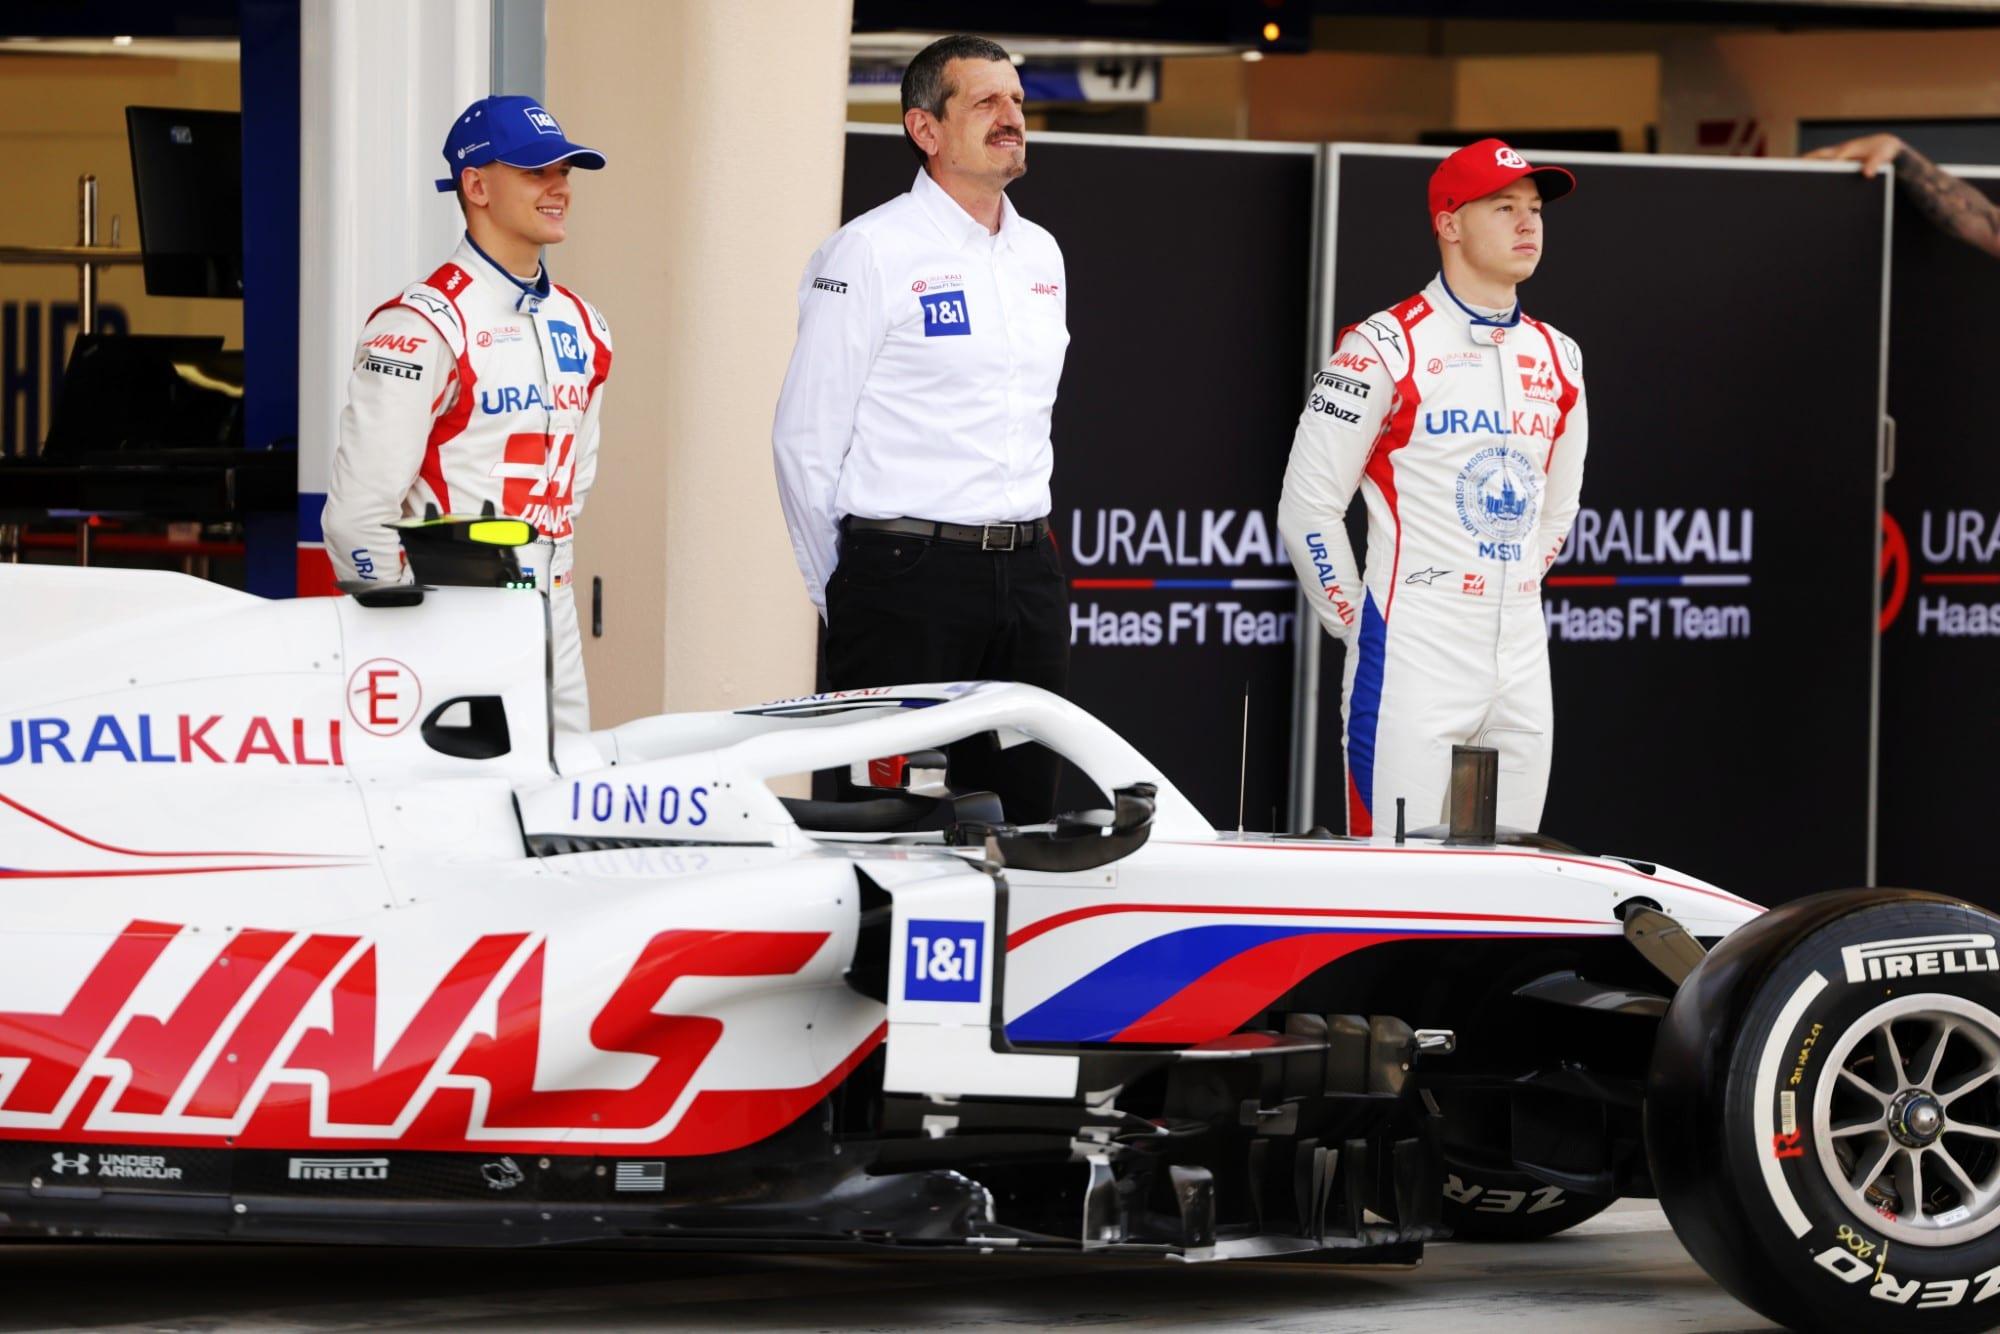 Mazepin critica privilégios de Mick Schumacher na equipe Haas